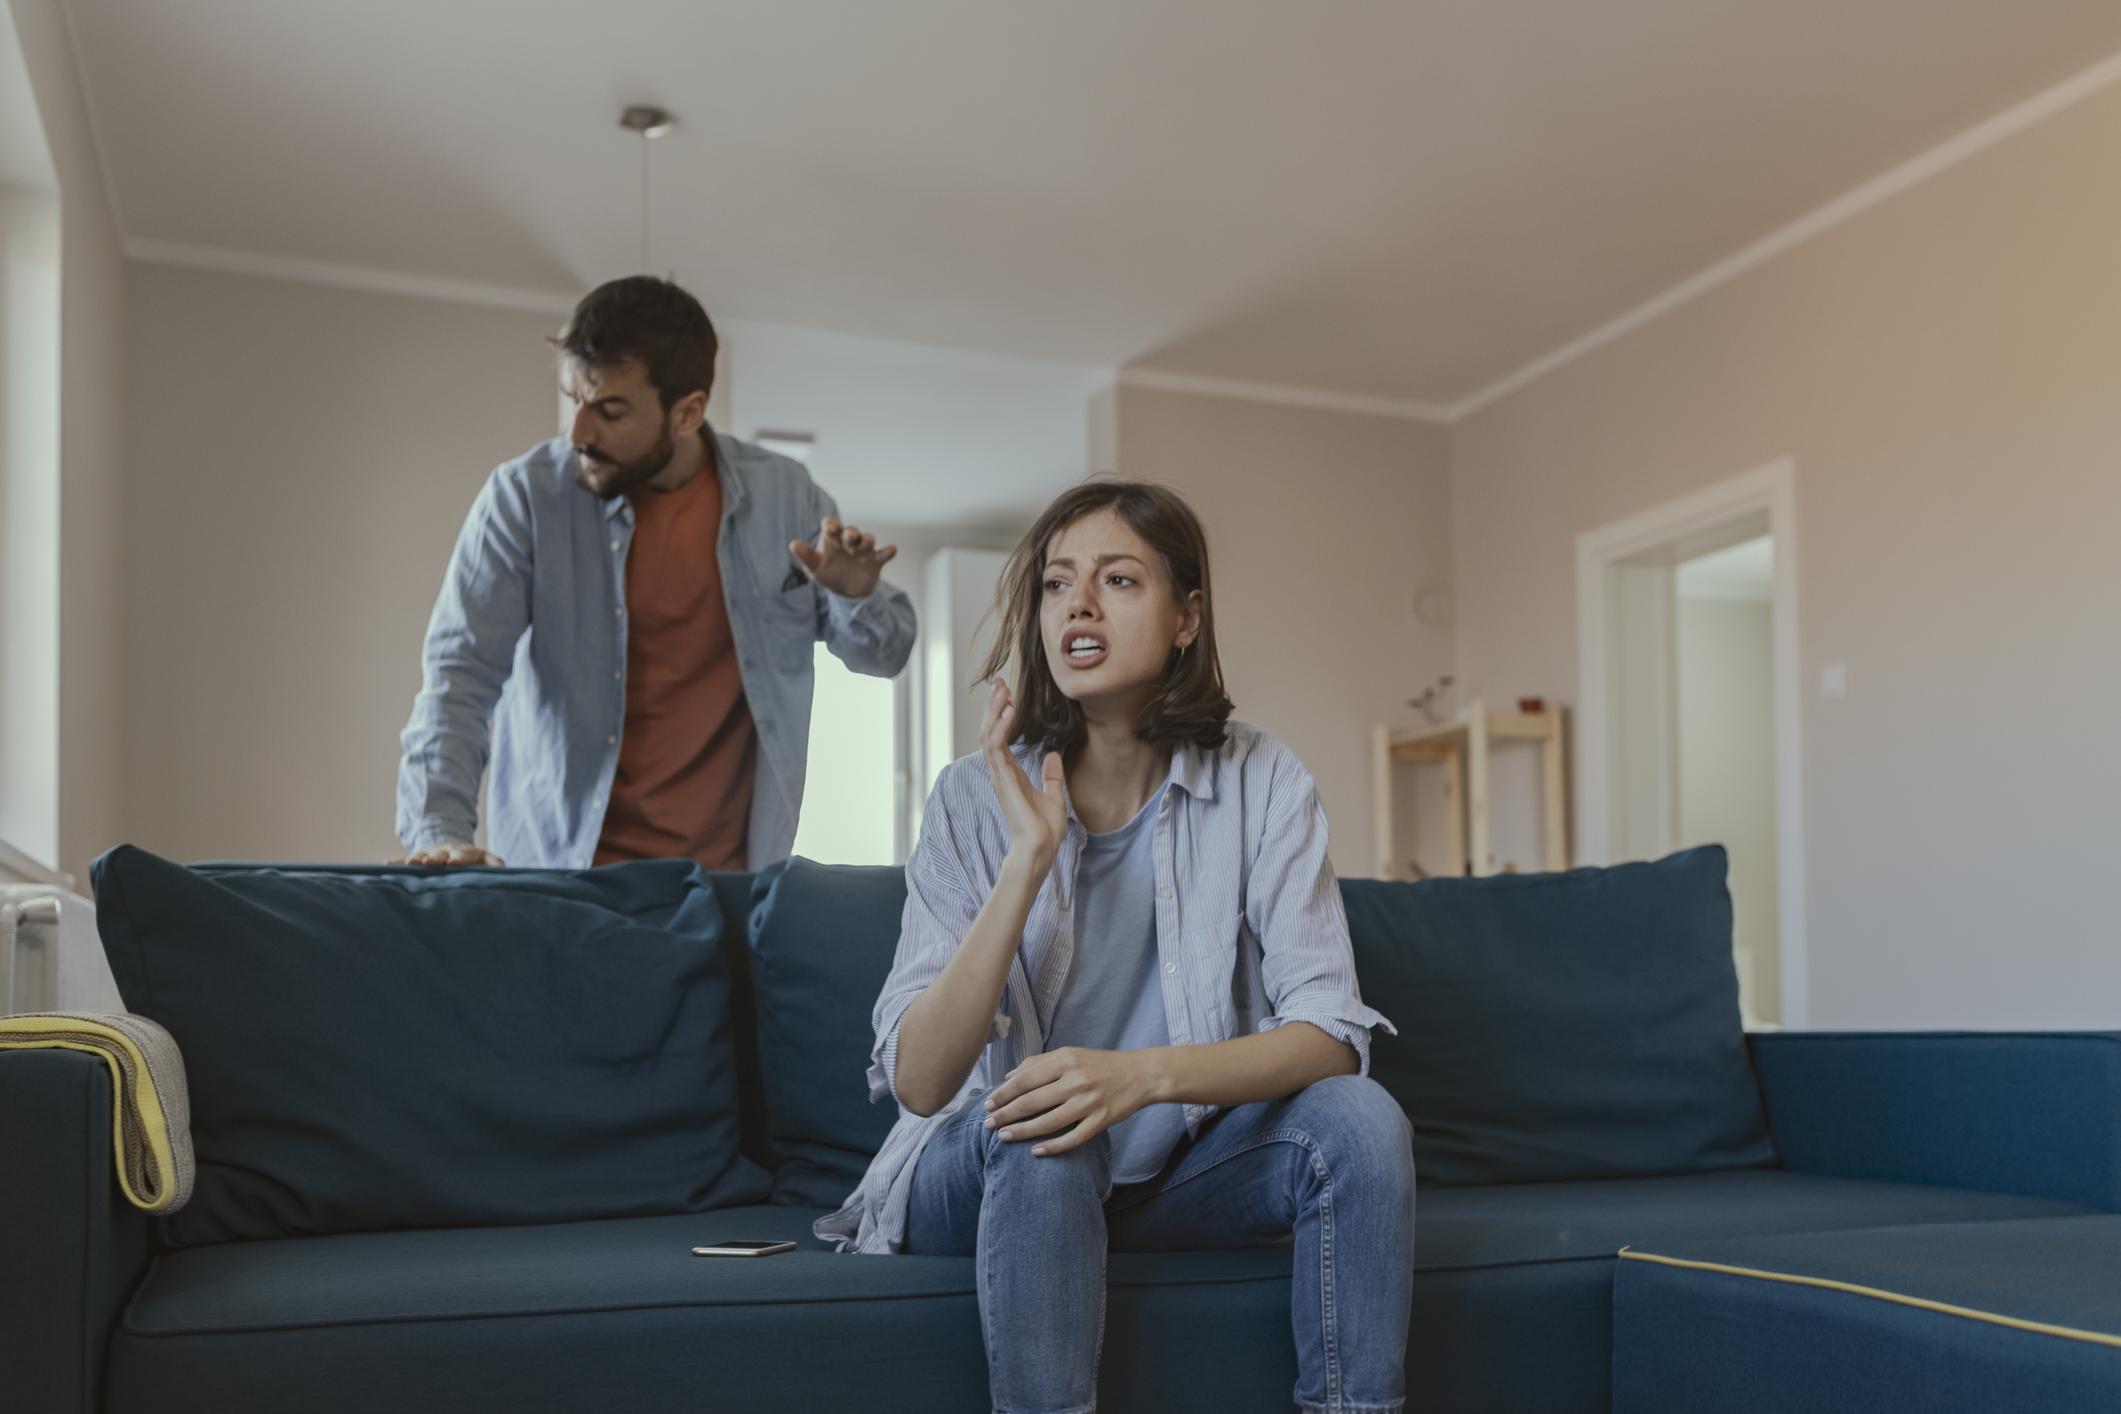 Konflikti su sastavni dio svake veze. Sposobnost svađanja s poštovanjem kvaliteta je zdrave i zrele veze, a kad se to izgubi, dolaze i problemi...